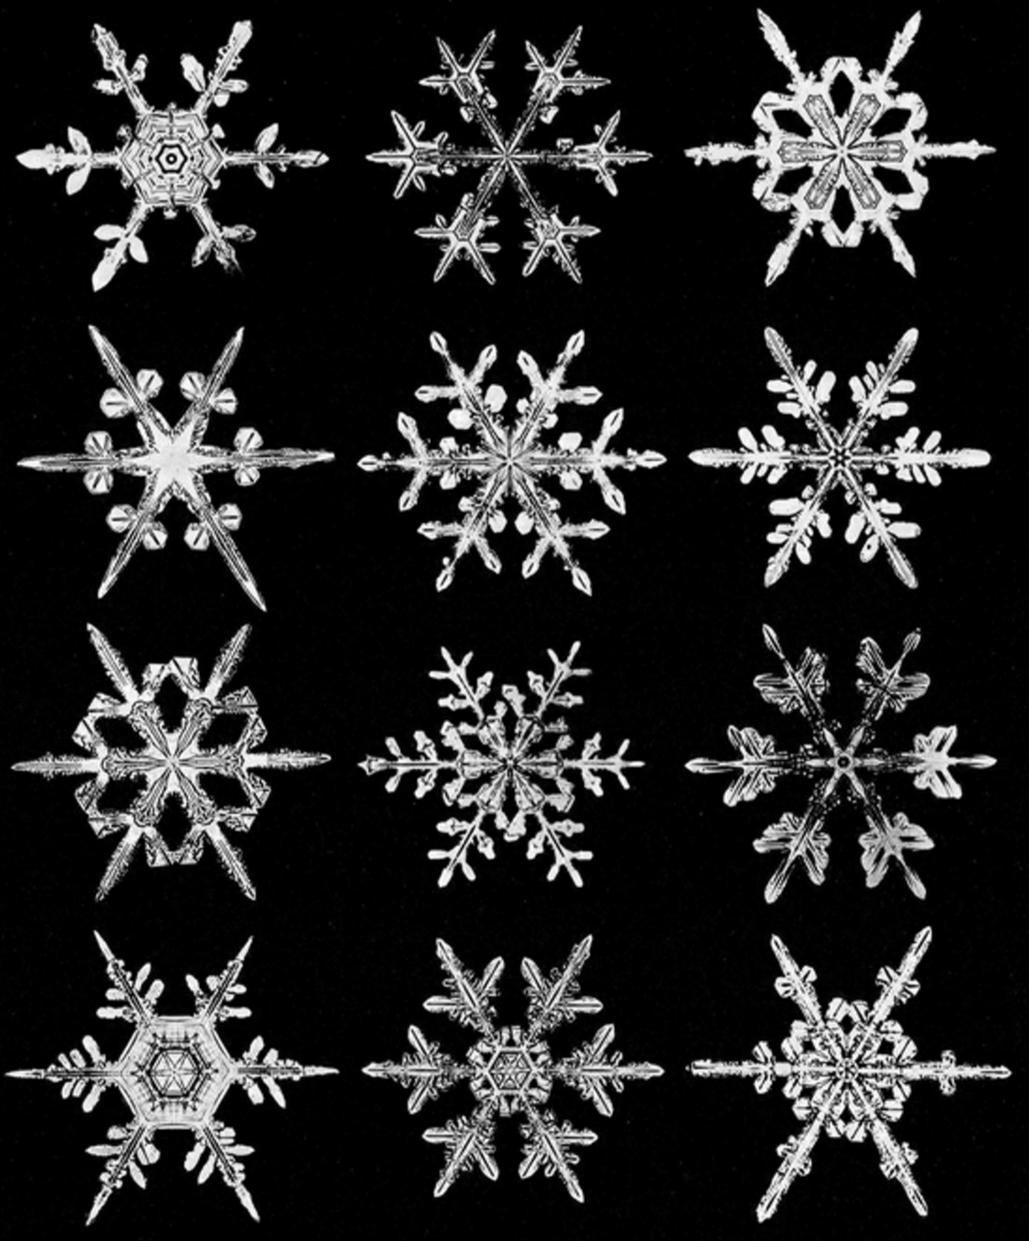 wilsonbentley_snowflakes22.jpg